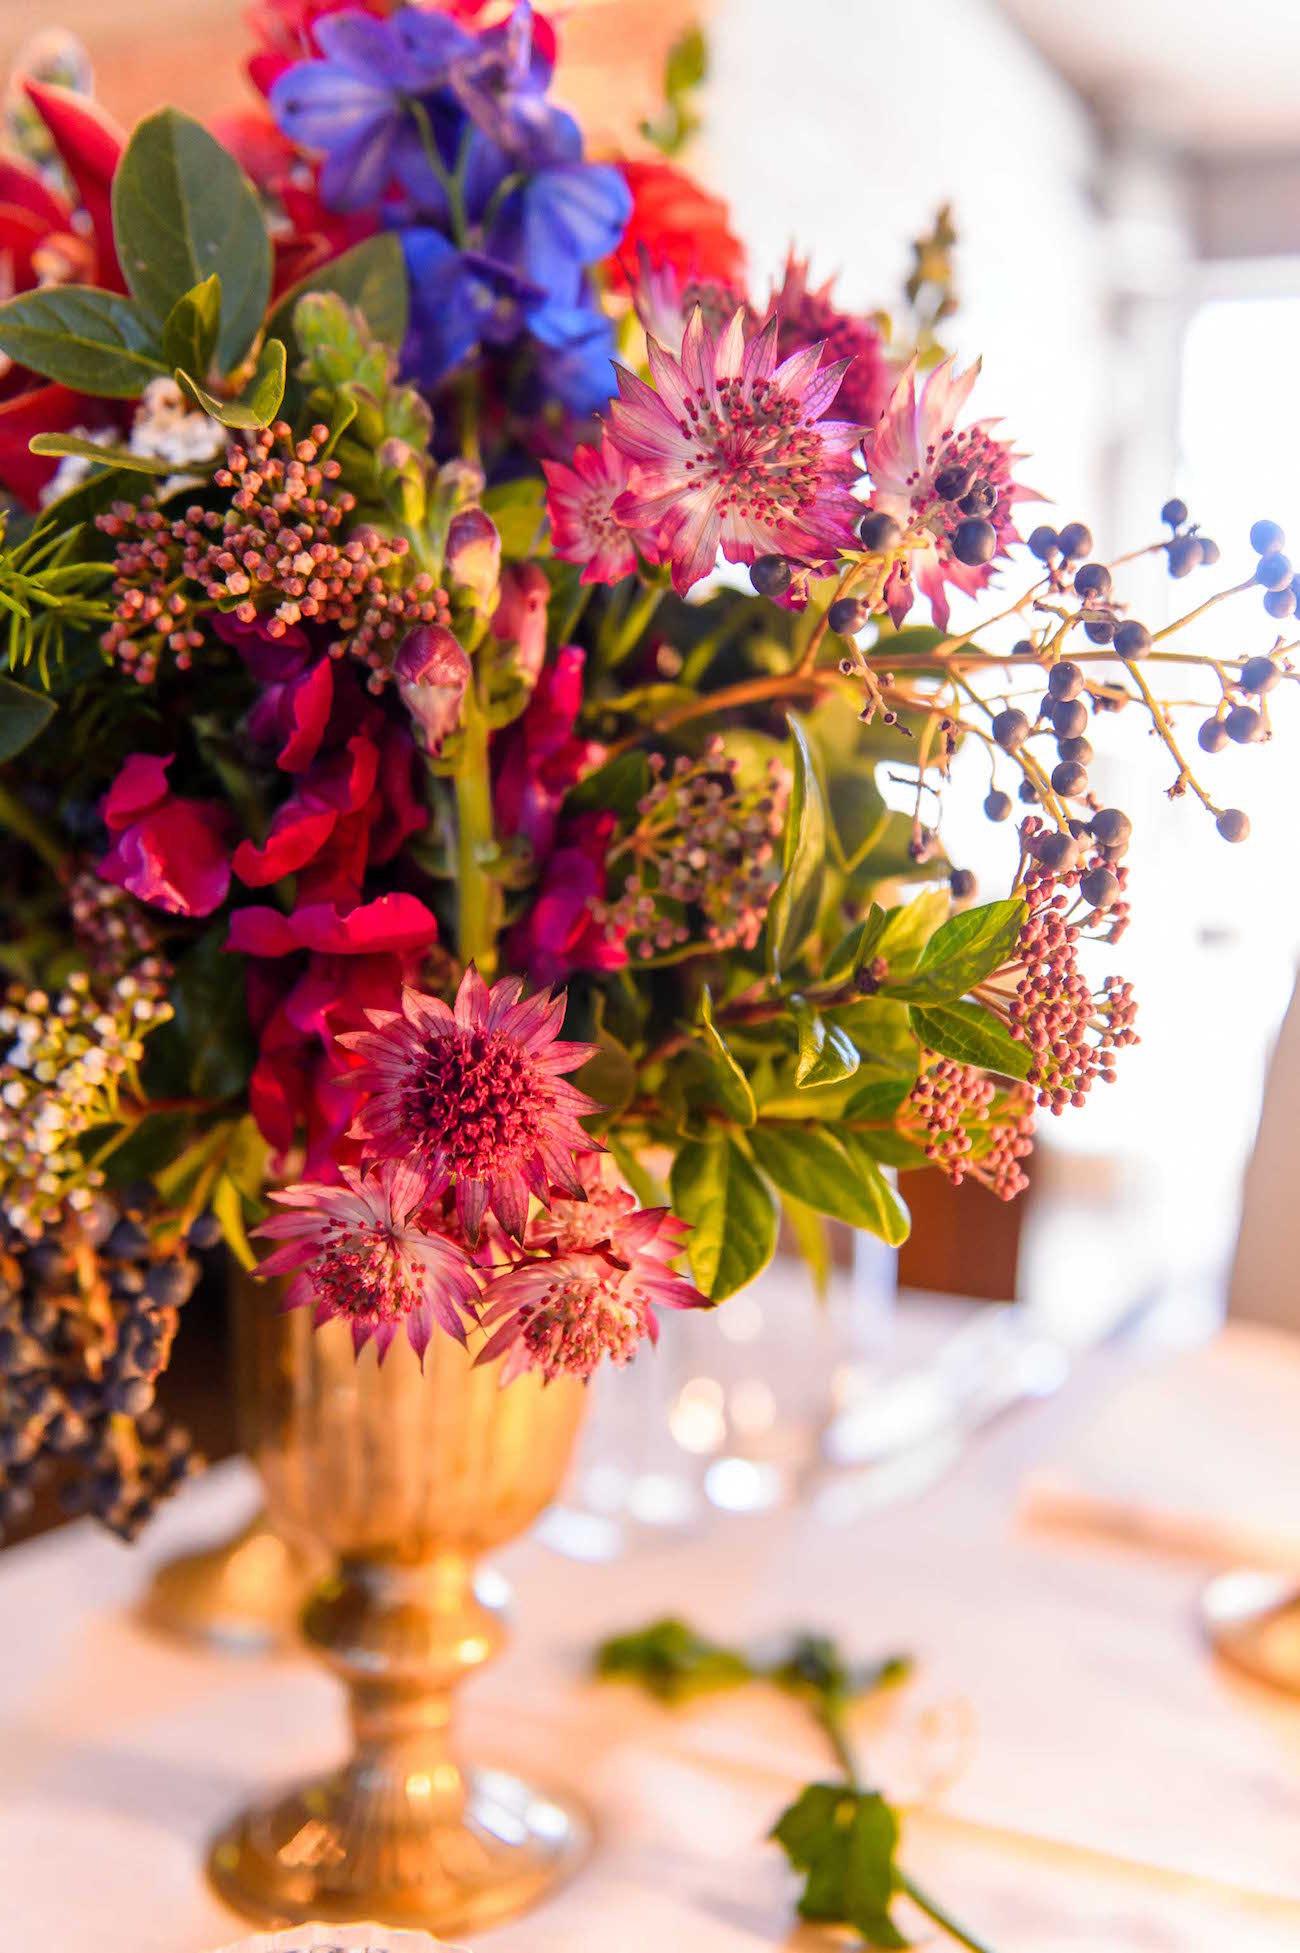 Colorful Opulent Florals   Credit: Vizion Photography